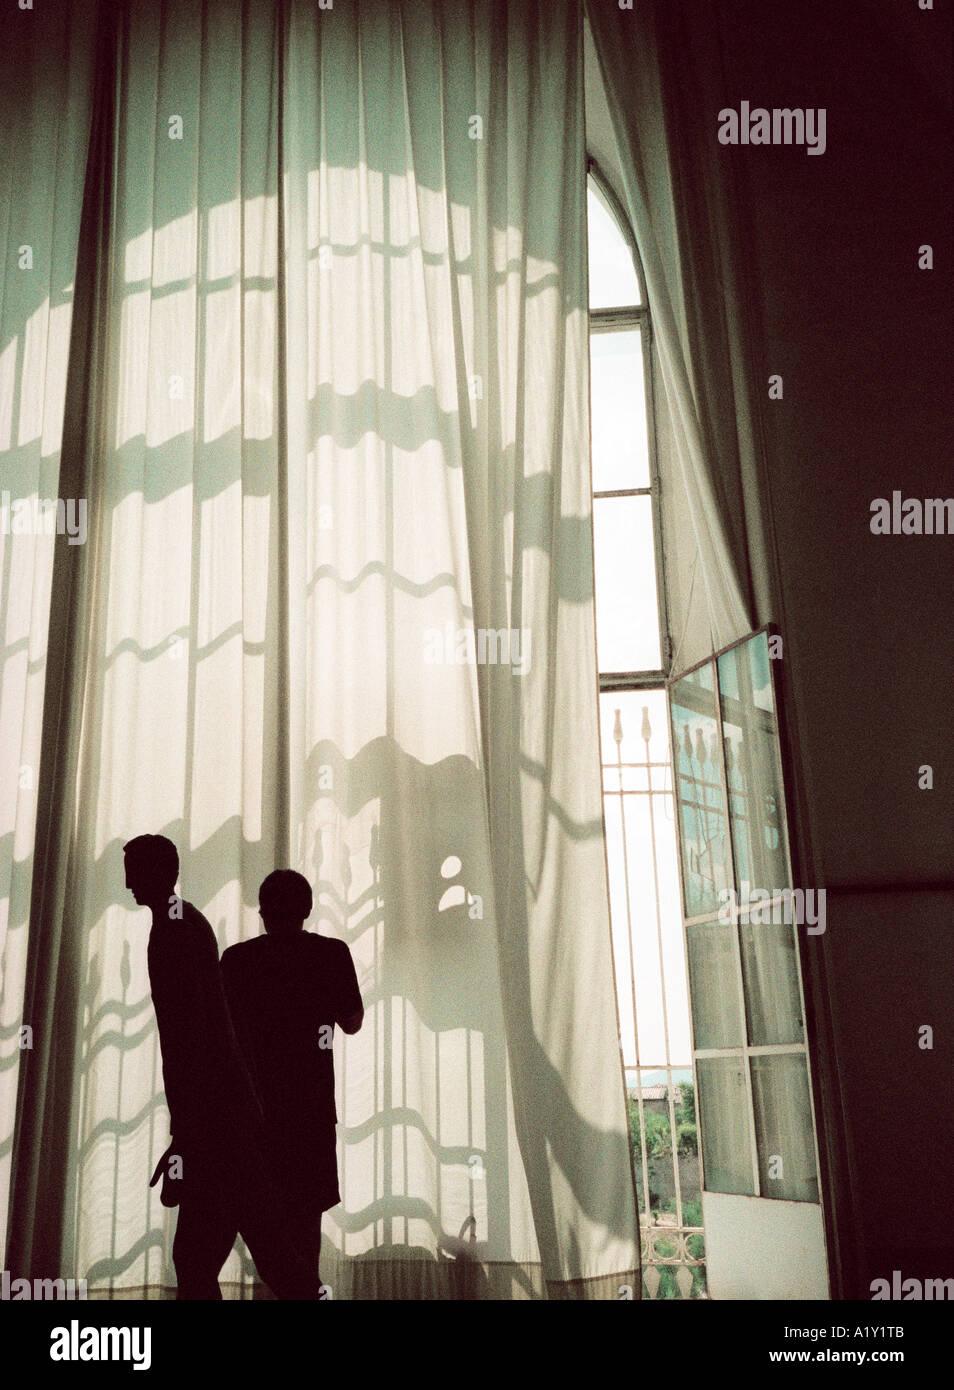 Finestra di ospedale di Siena Toscana Italia. Pressione atmosferica 35mm immagine di scatto con notevole film visibile-grano. Immagini Stock